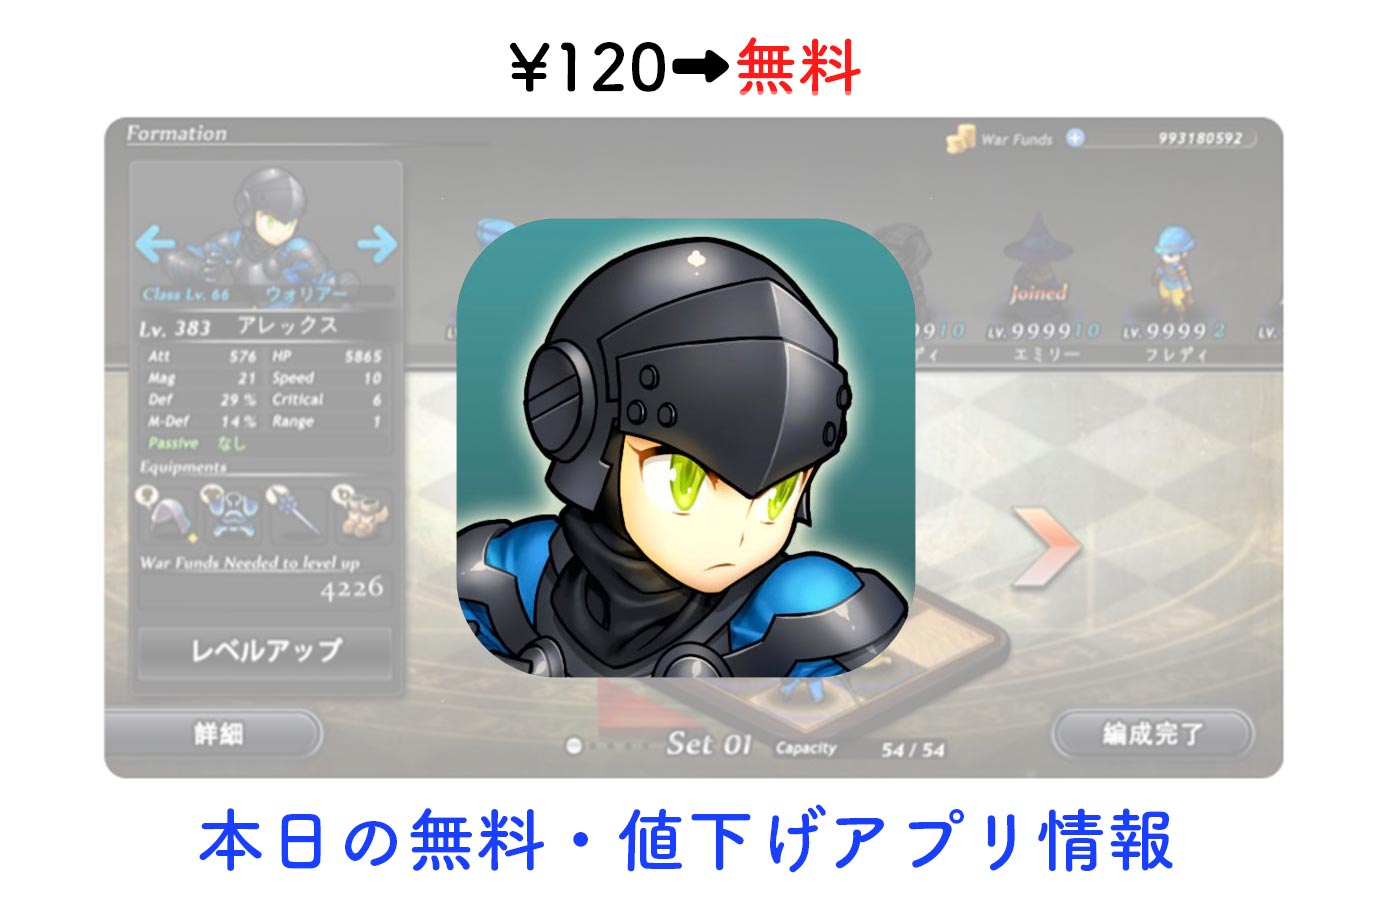 120円→無料、バトルシミュレーションRPG「ミステリーオブフォーチュン2」など【4/29】セールアプリ情報